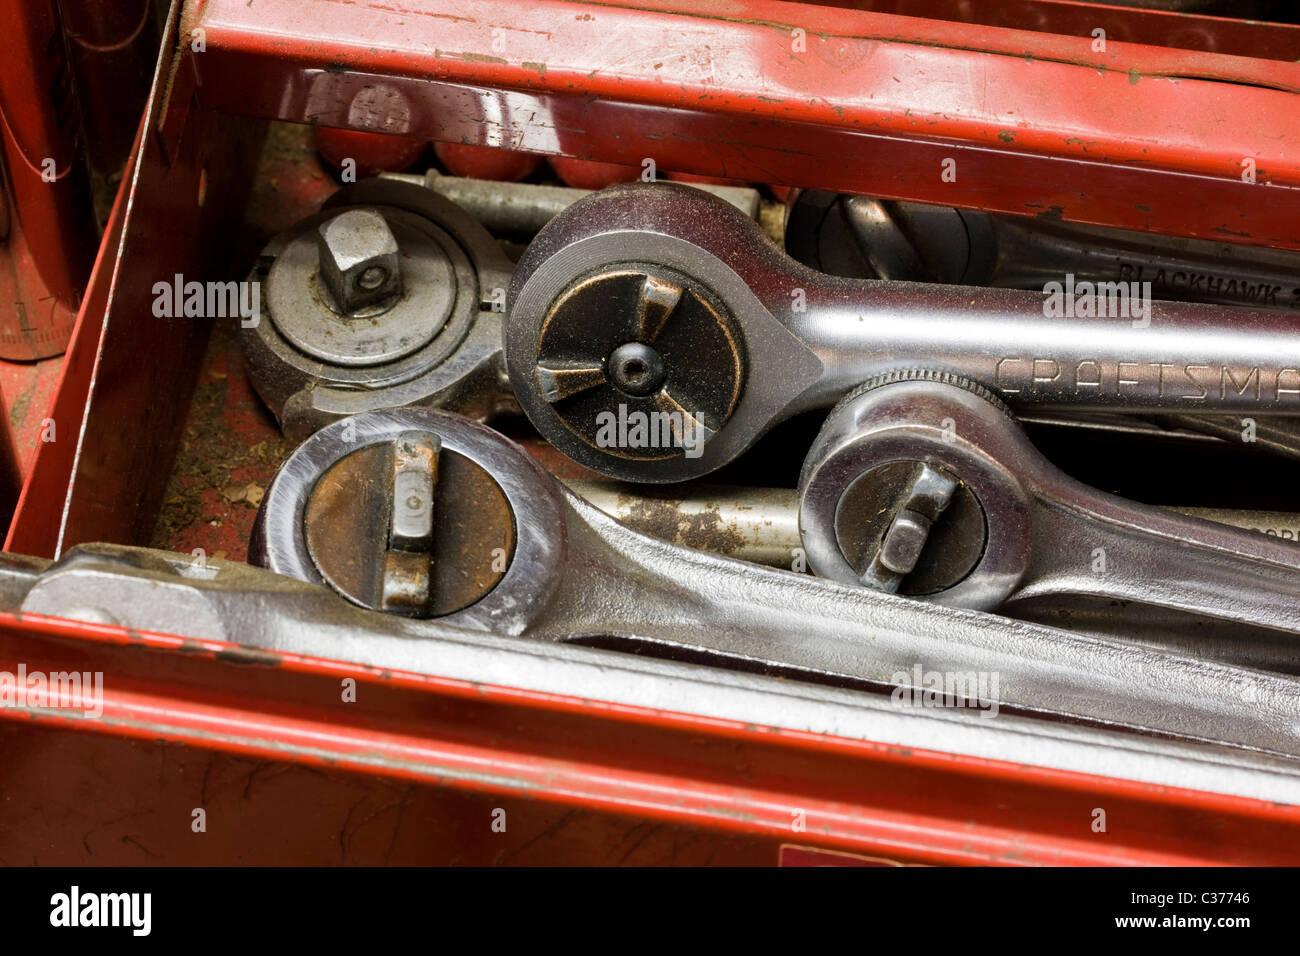 Outils de mécanicien automobile dans une caisse à outils Photo Stock